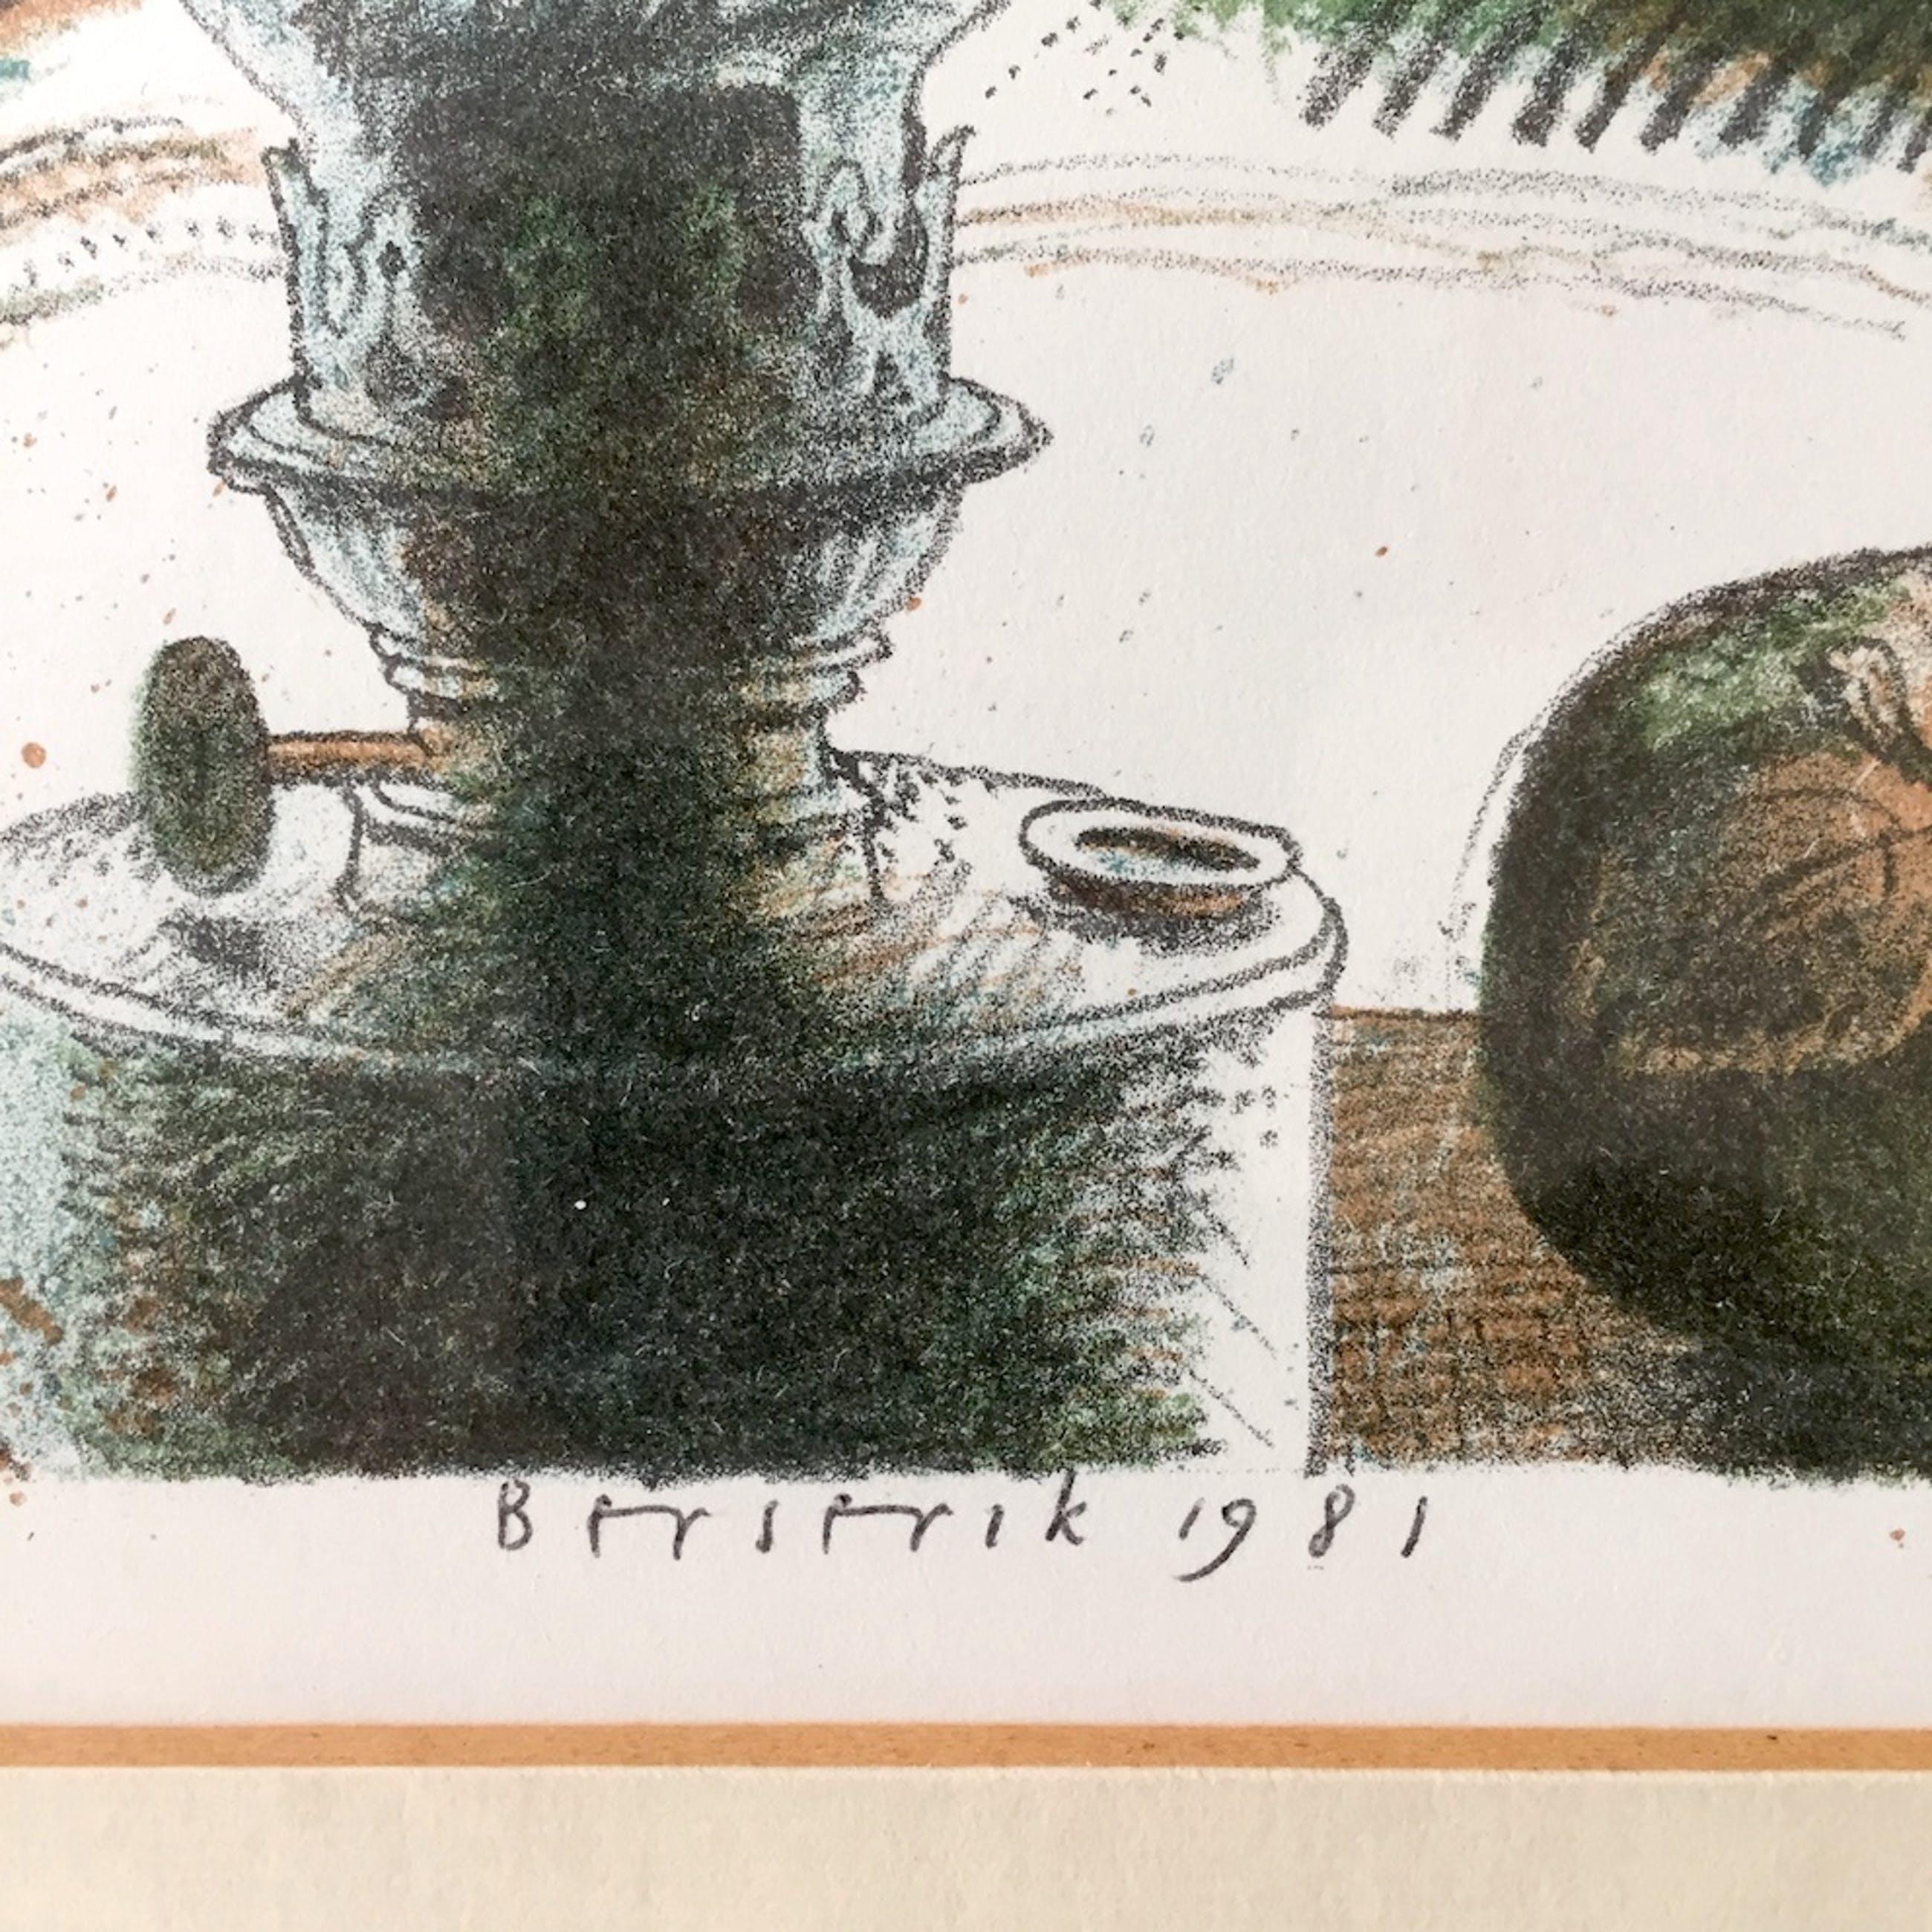 Herman Berserik - Olielamp met fruit - Lithografie, Ingelijst kopen? Bied vanaf 109!